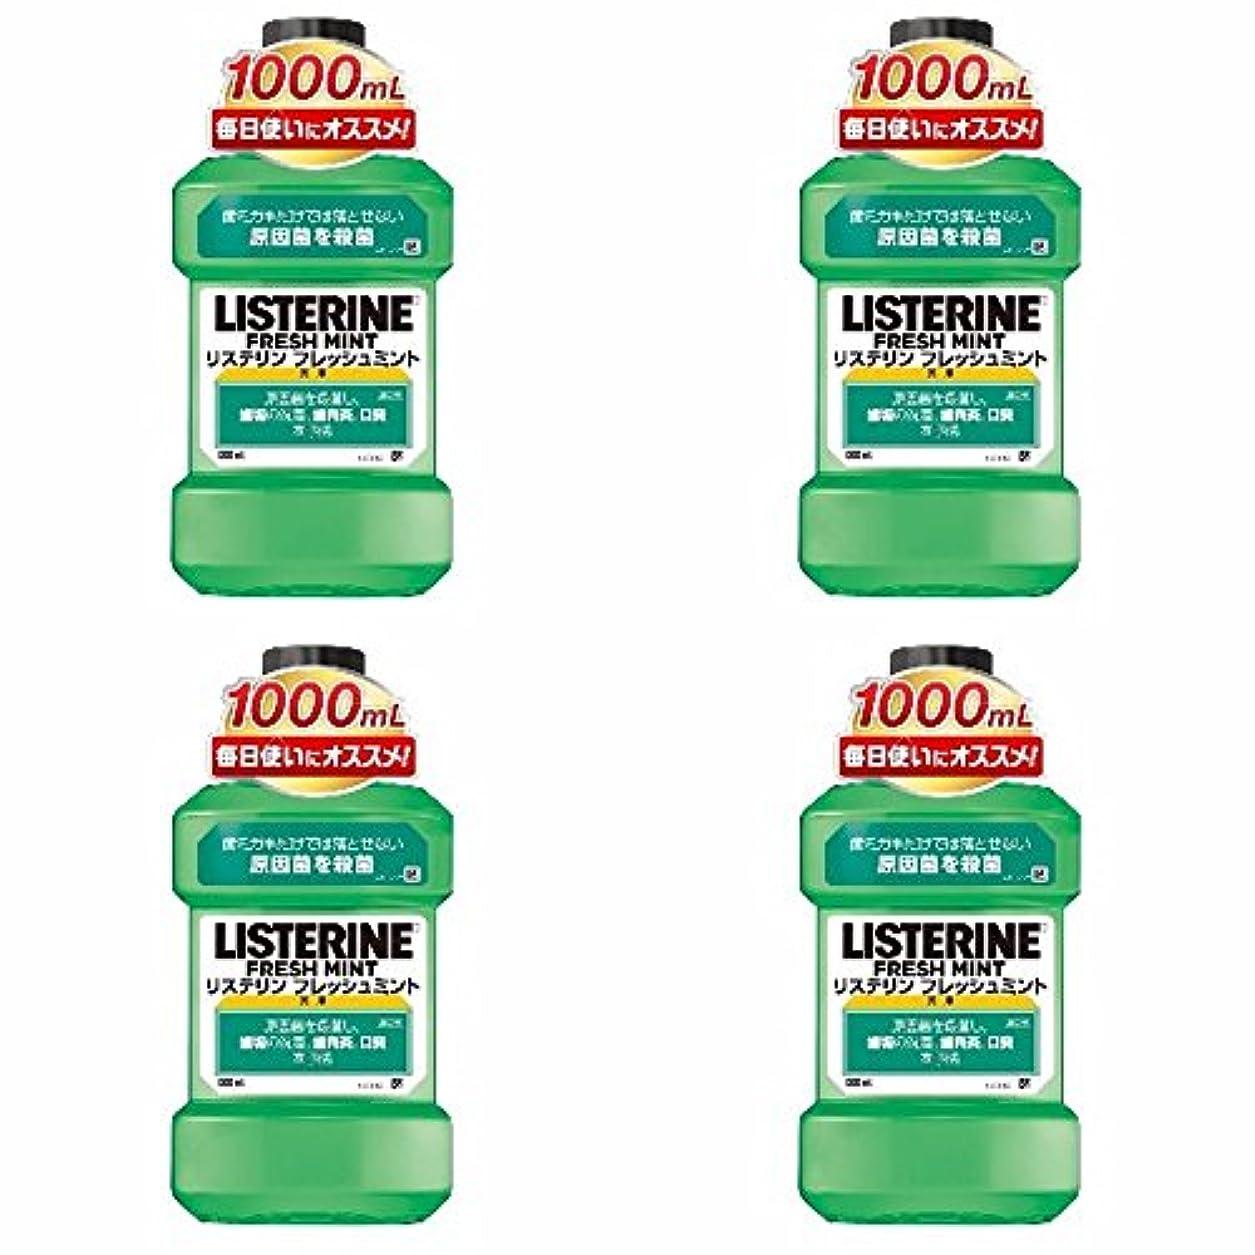 いつでも大腿大臣【まとめ買い】薬用 LISTERINE リステリン フレッシュミント 1000ml×4個